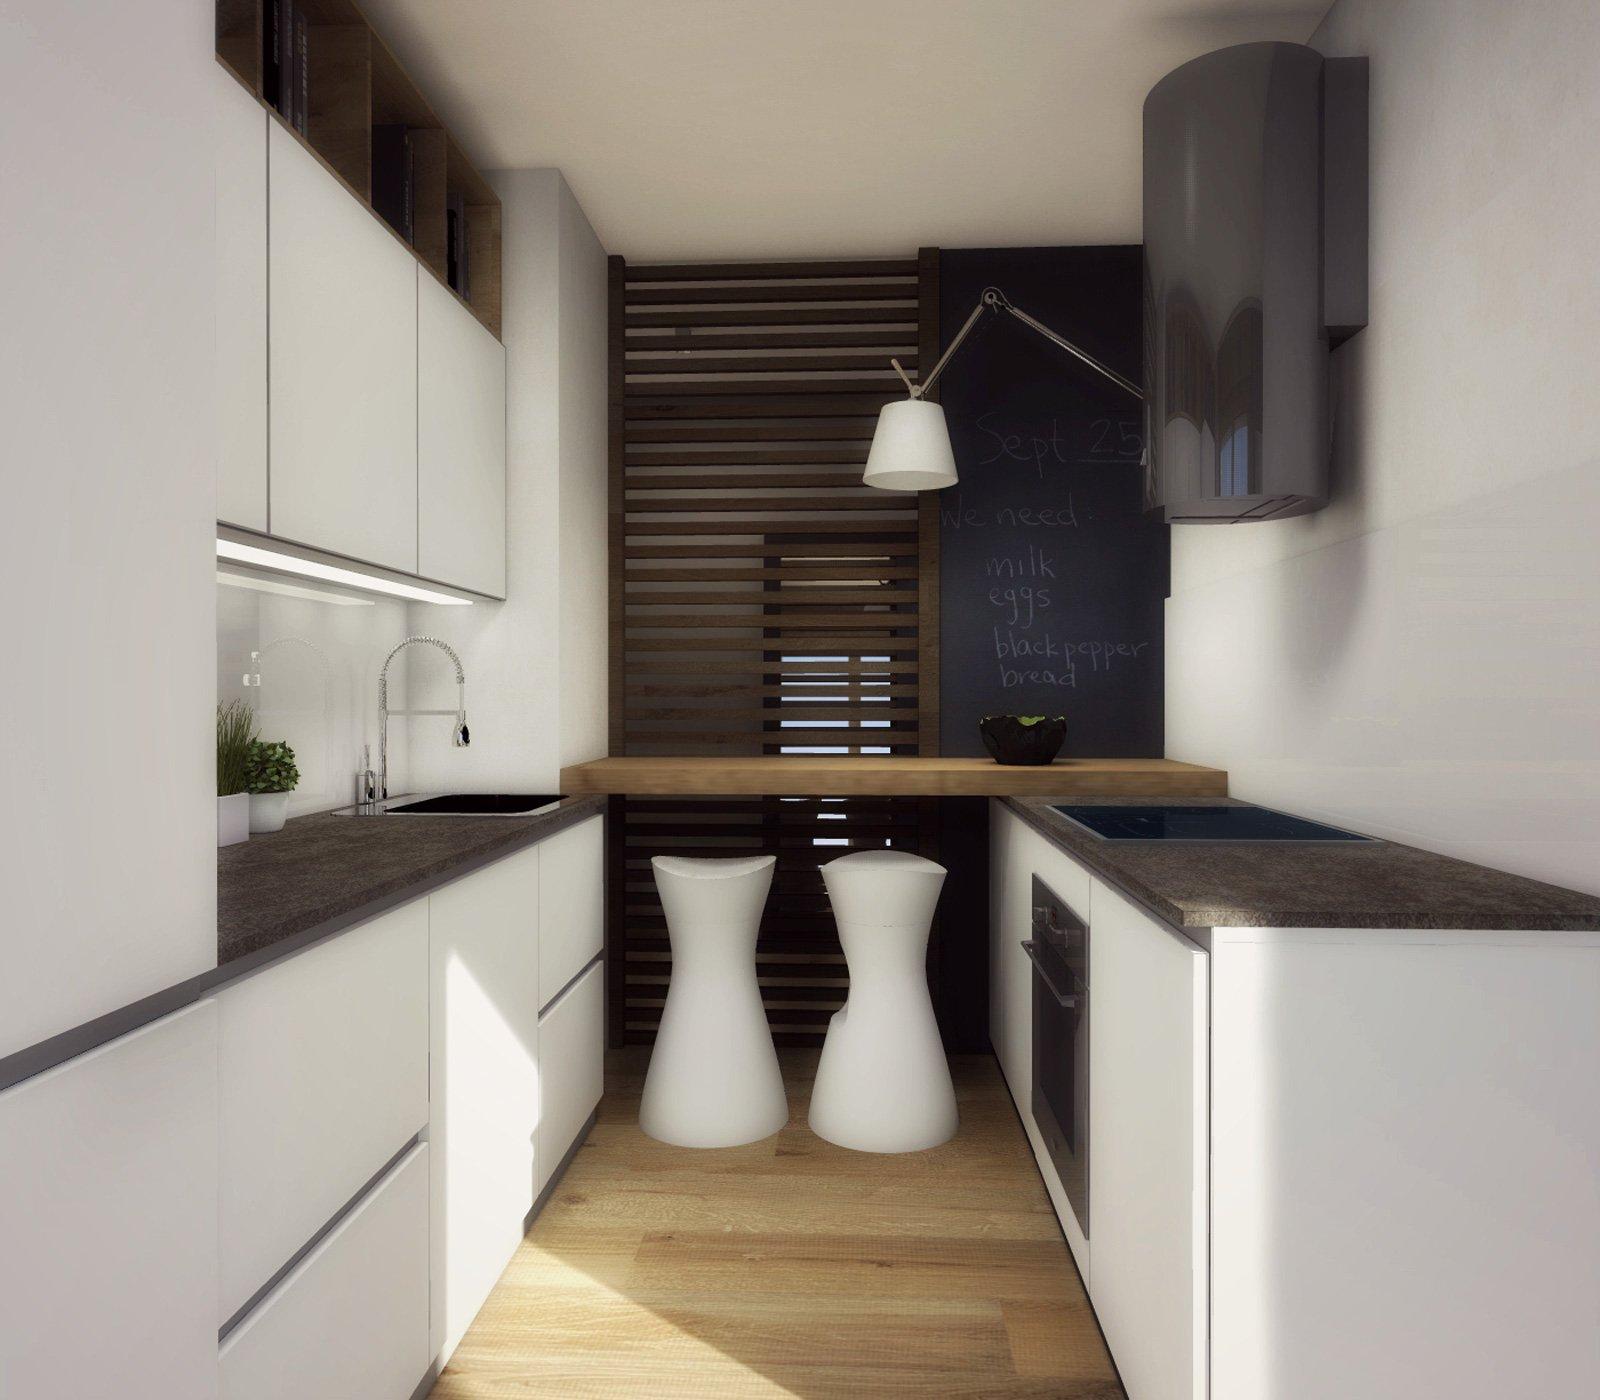 Arredamento cucine piccole un progetto per meno di 6 mq for Immagini arredamento